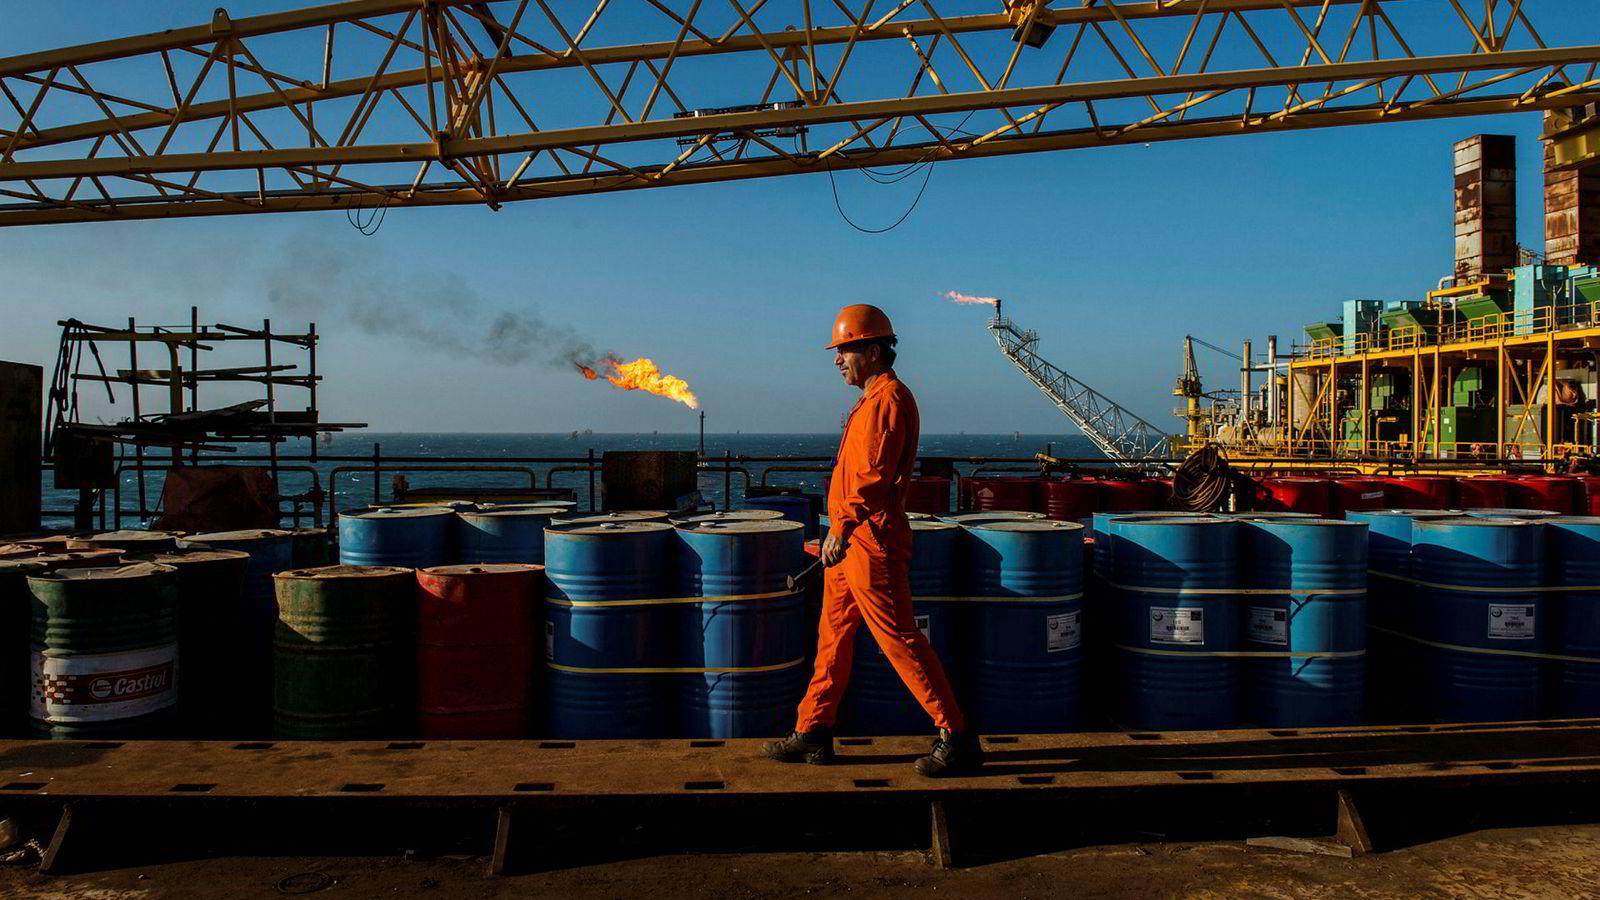 Natt til mandag gjenopptas amerikanske sanksjoner mot Iran. Det vil lamme landets oljeeksport til alle nasjoner som ønsker å være på god fot med USA. Bildet er fra en iransk oljeplattform.